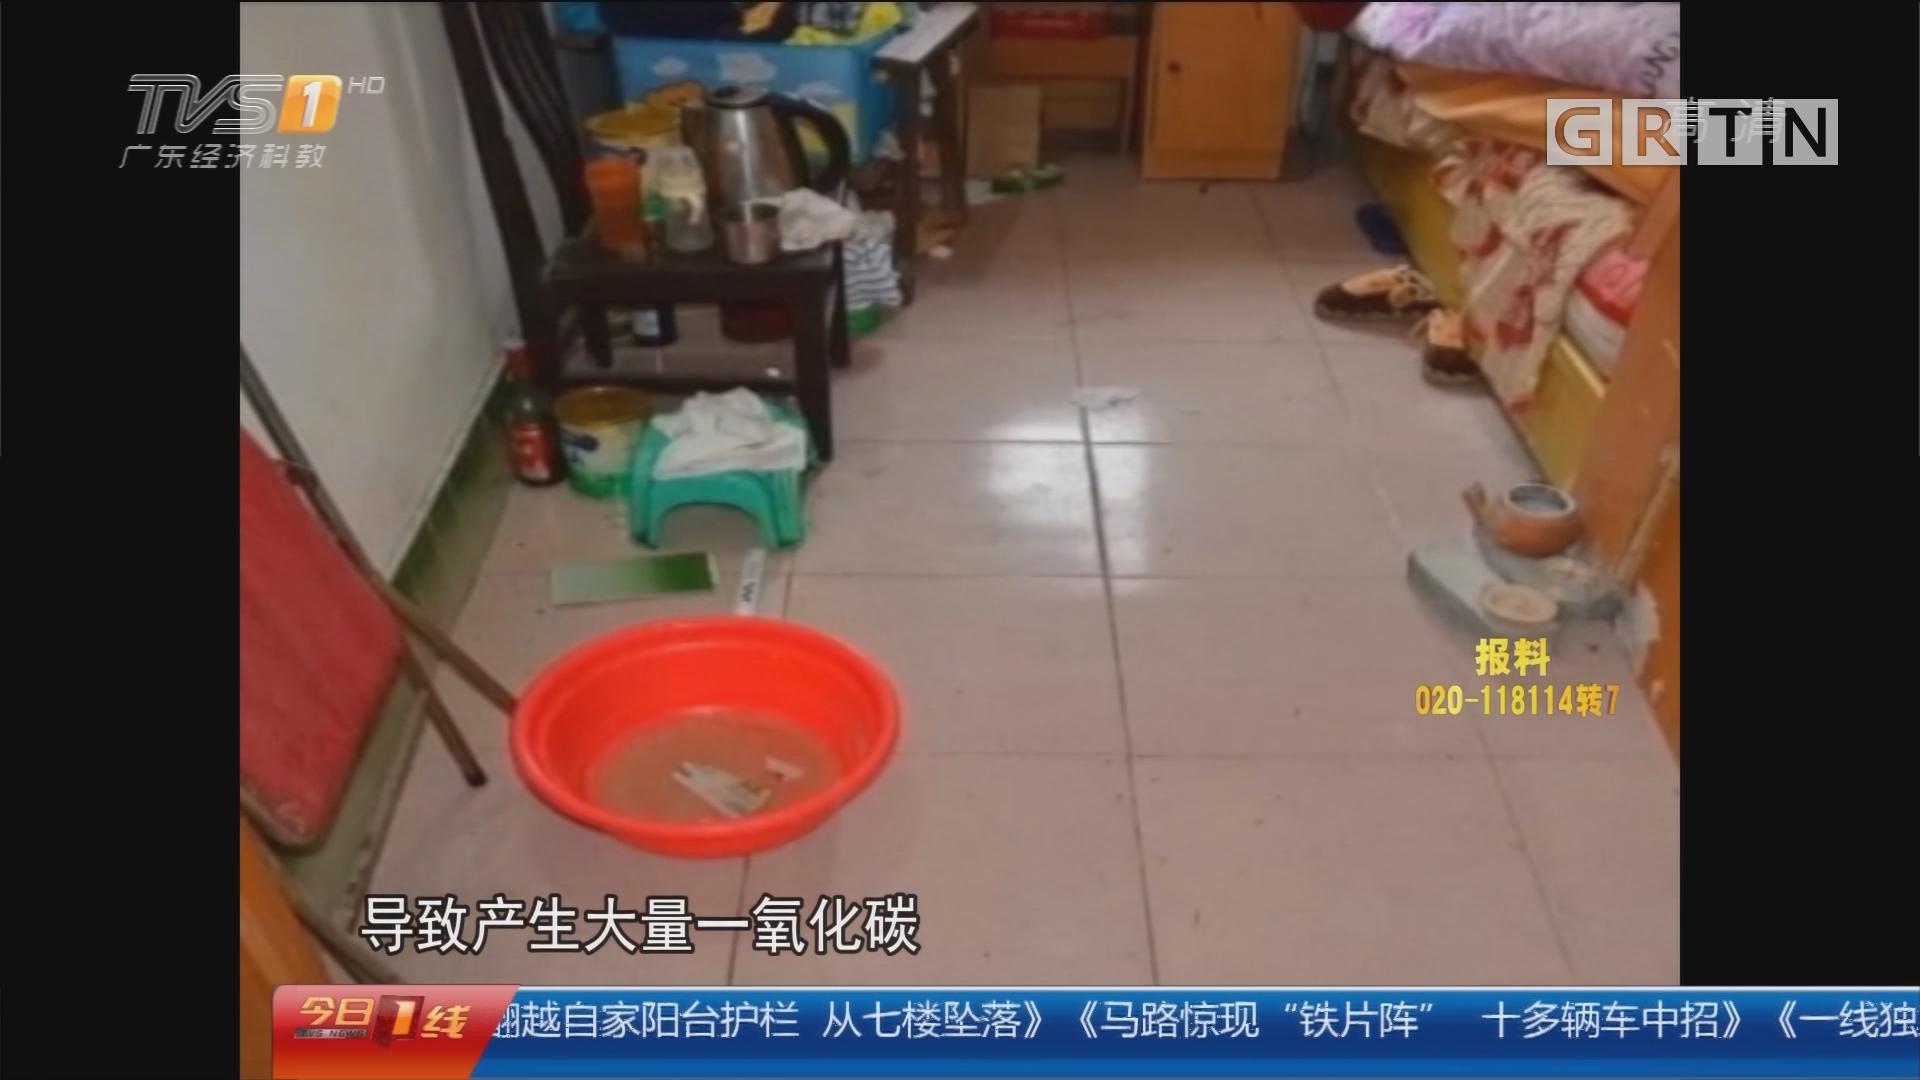 佛山:丈夫洗完澡中毒 妻子报警后亦昏迷